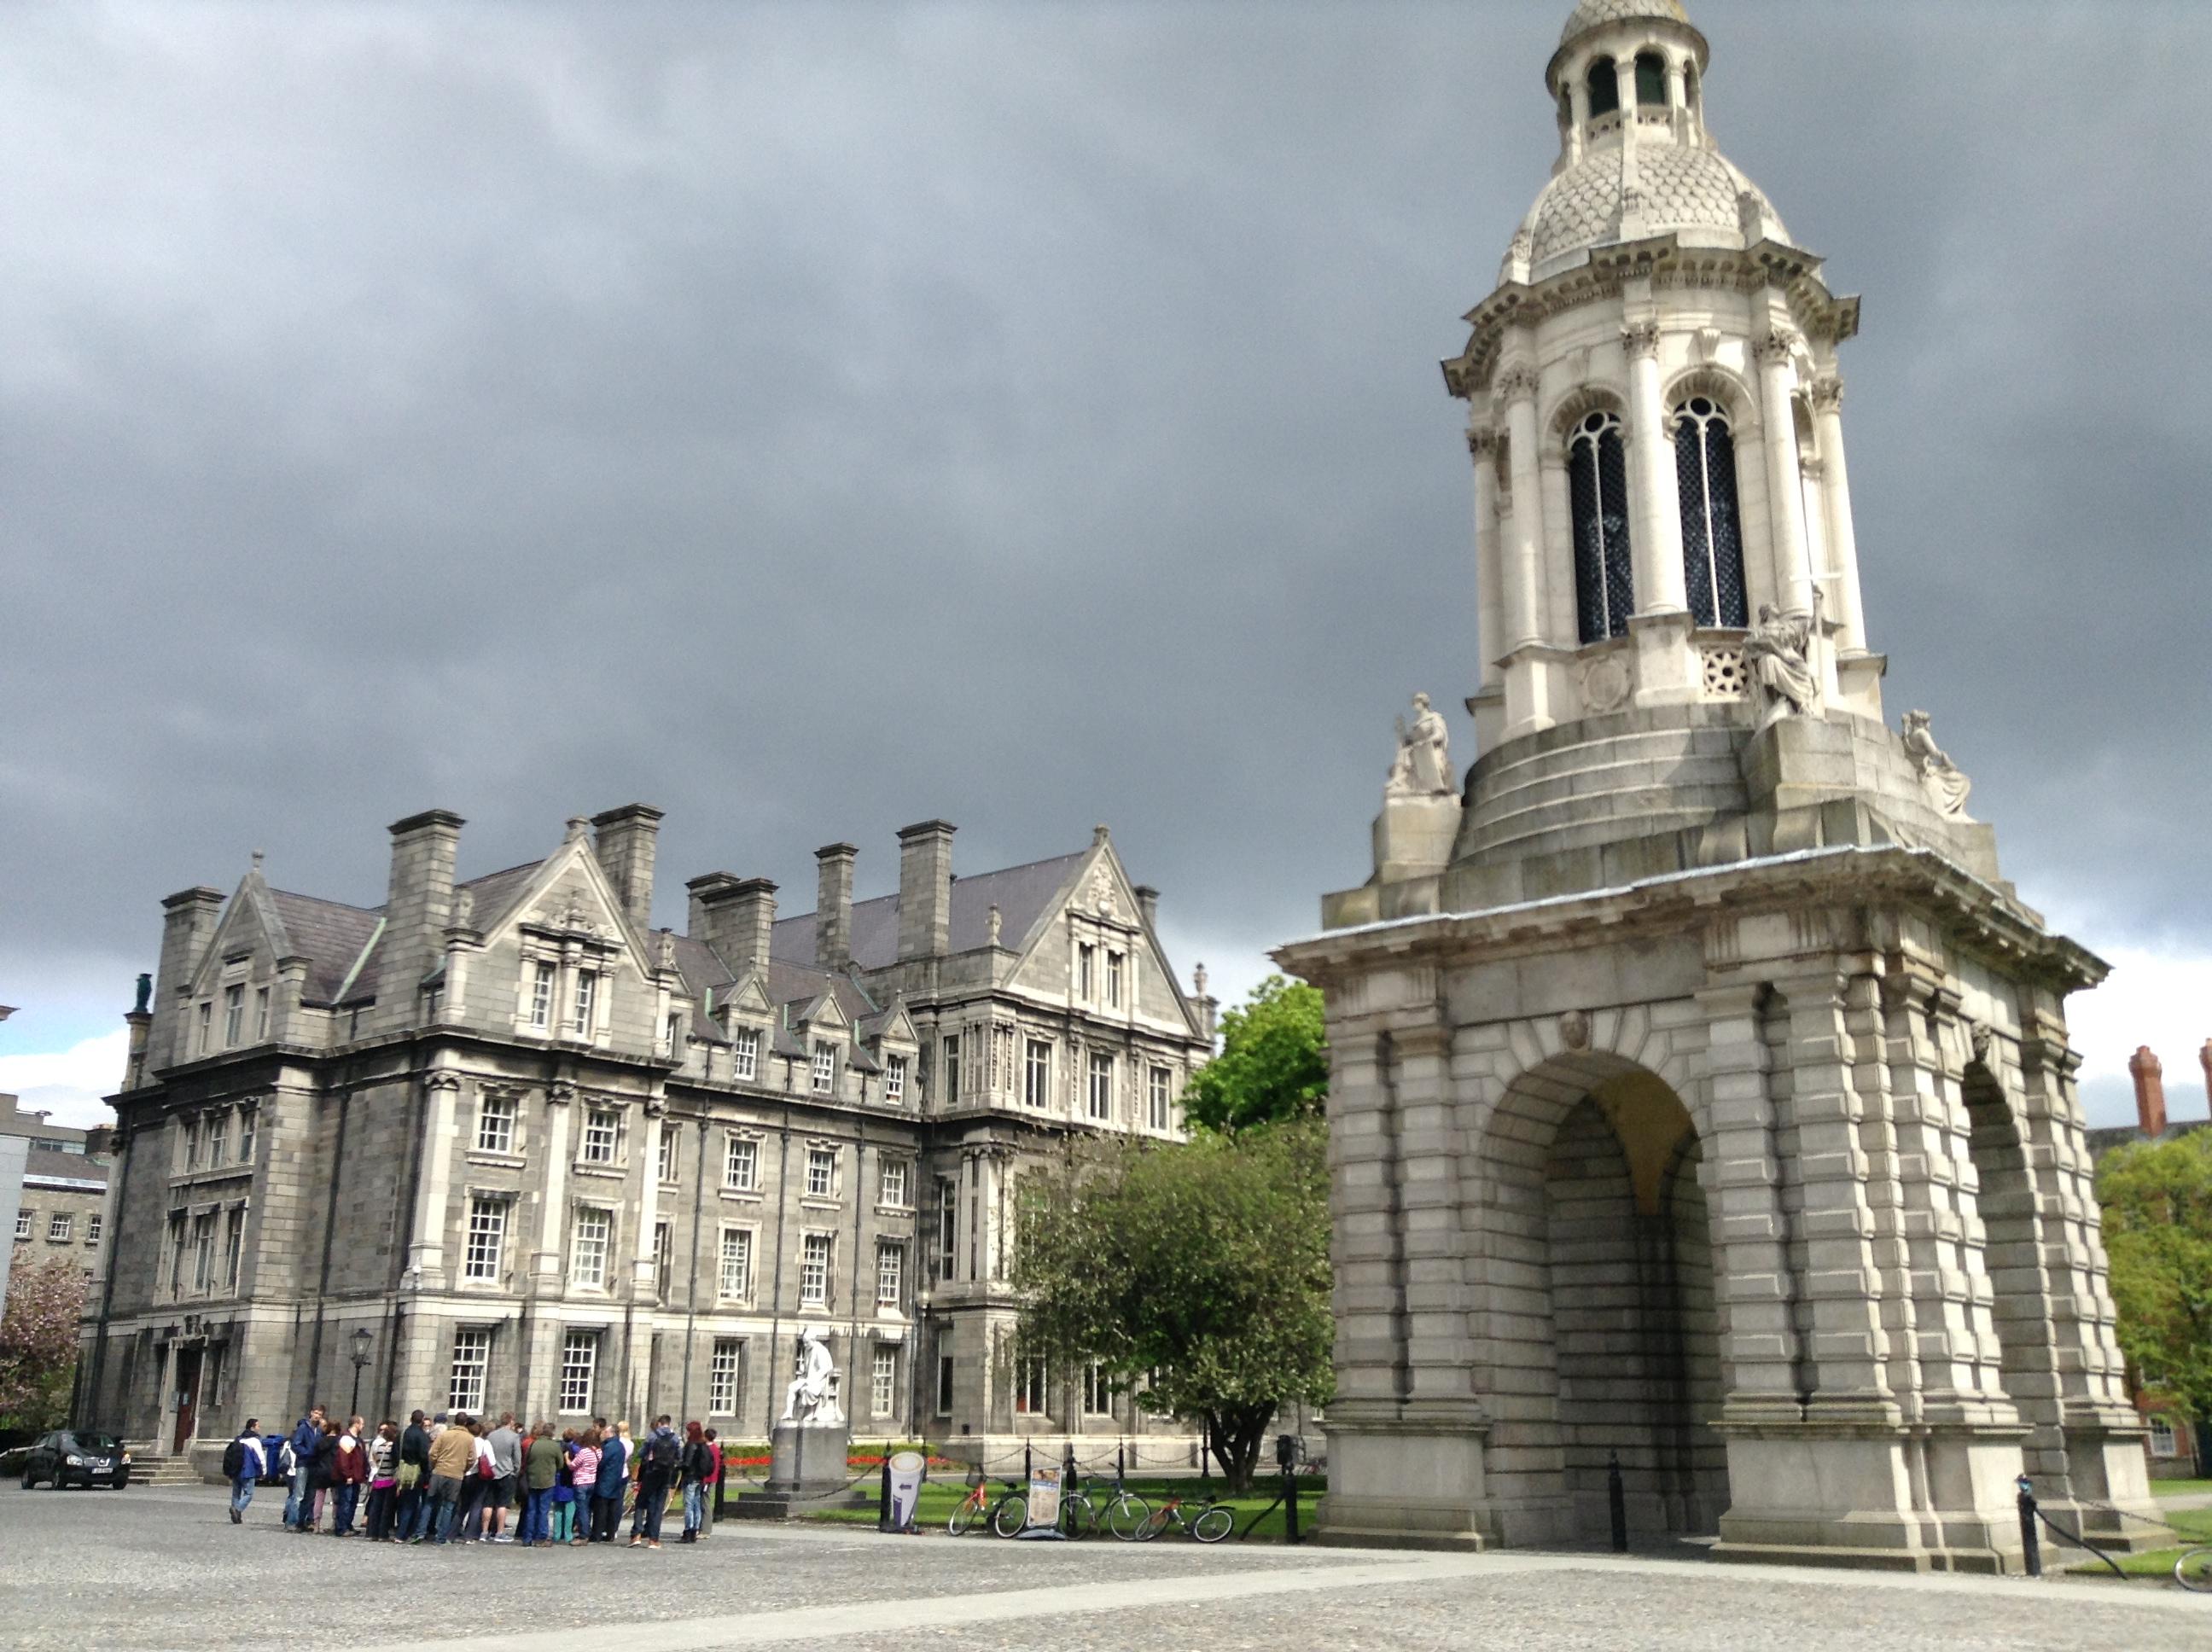 Campanile at Trinity College Dublin